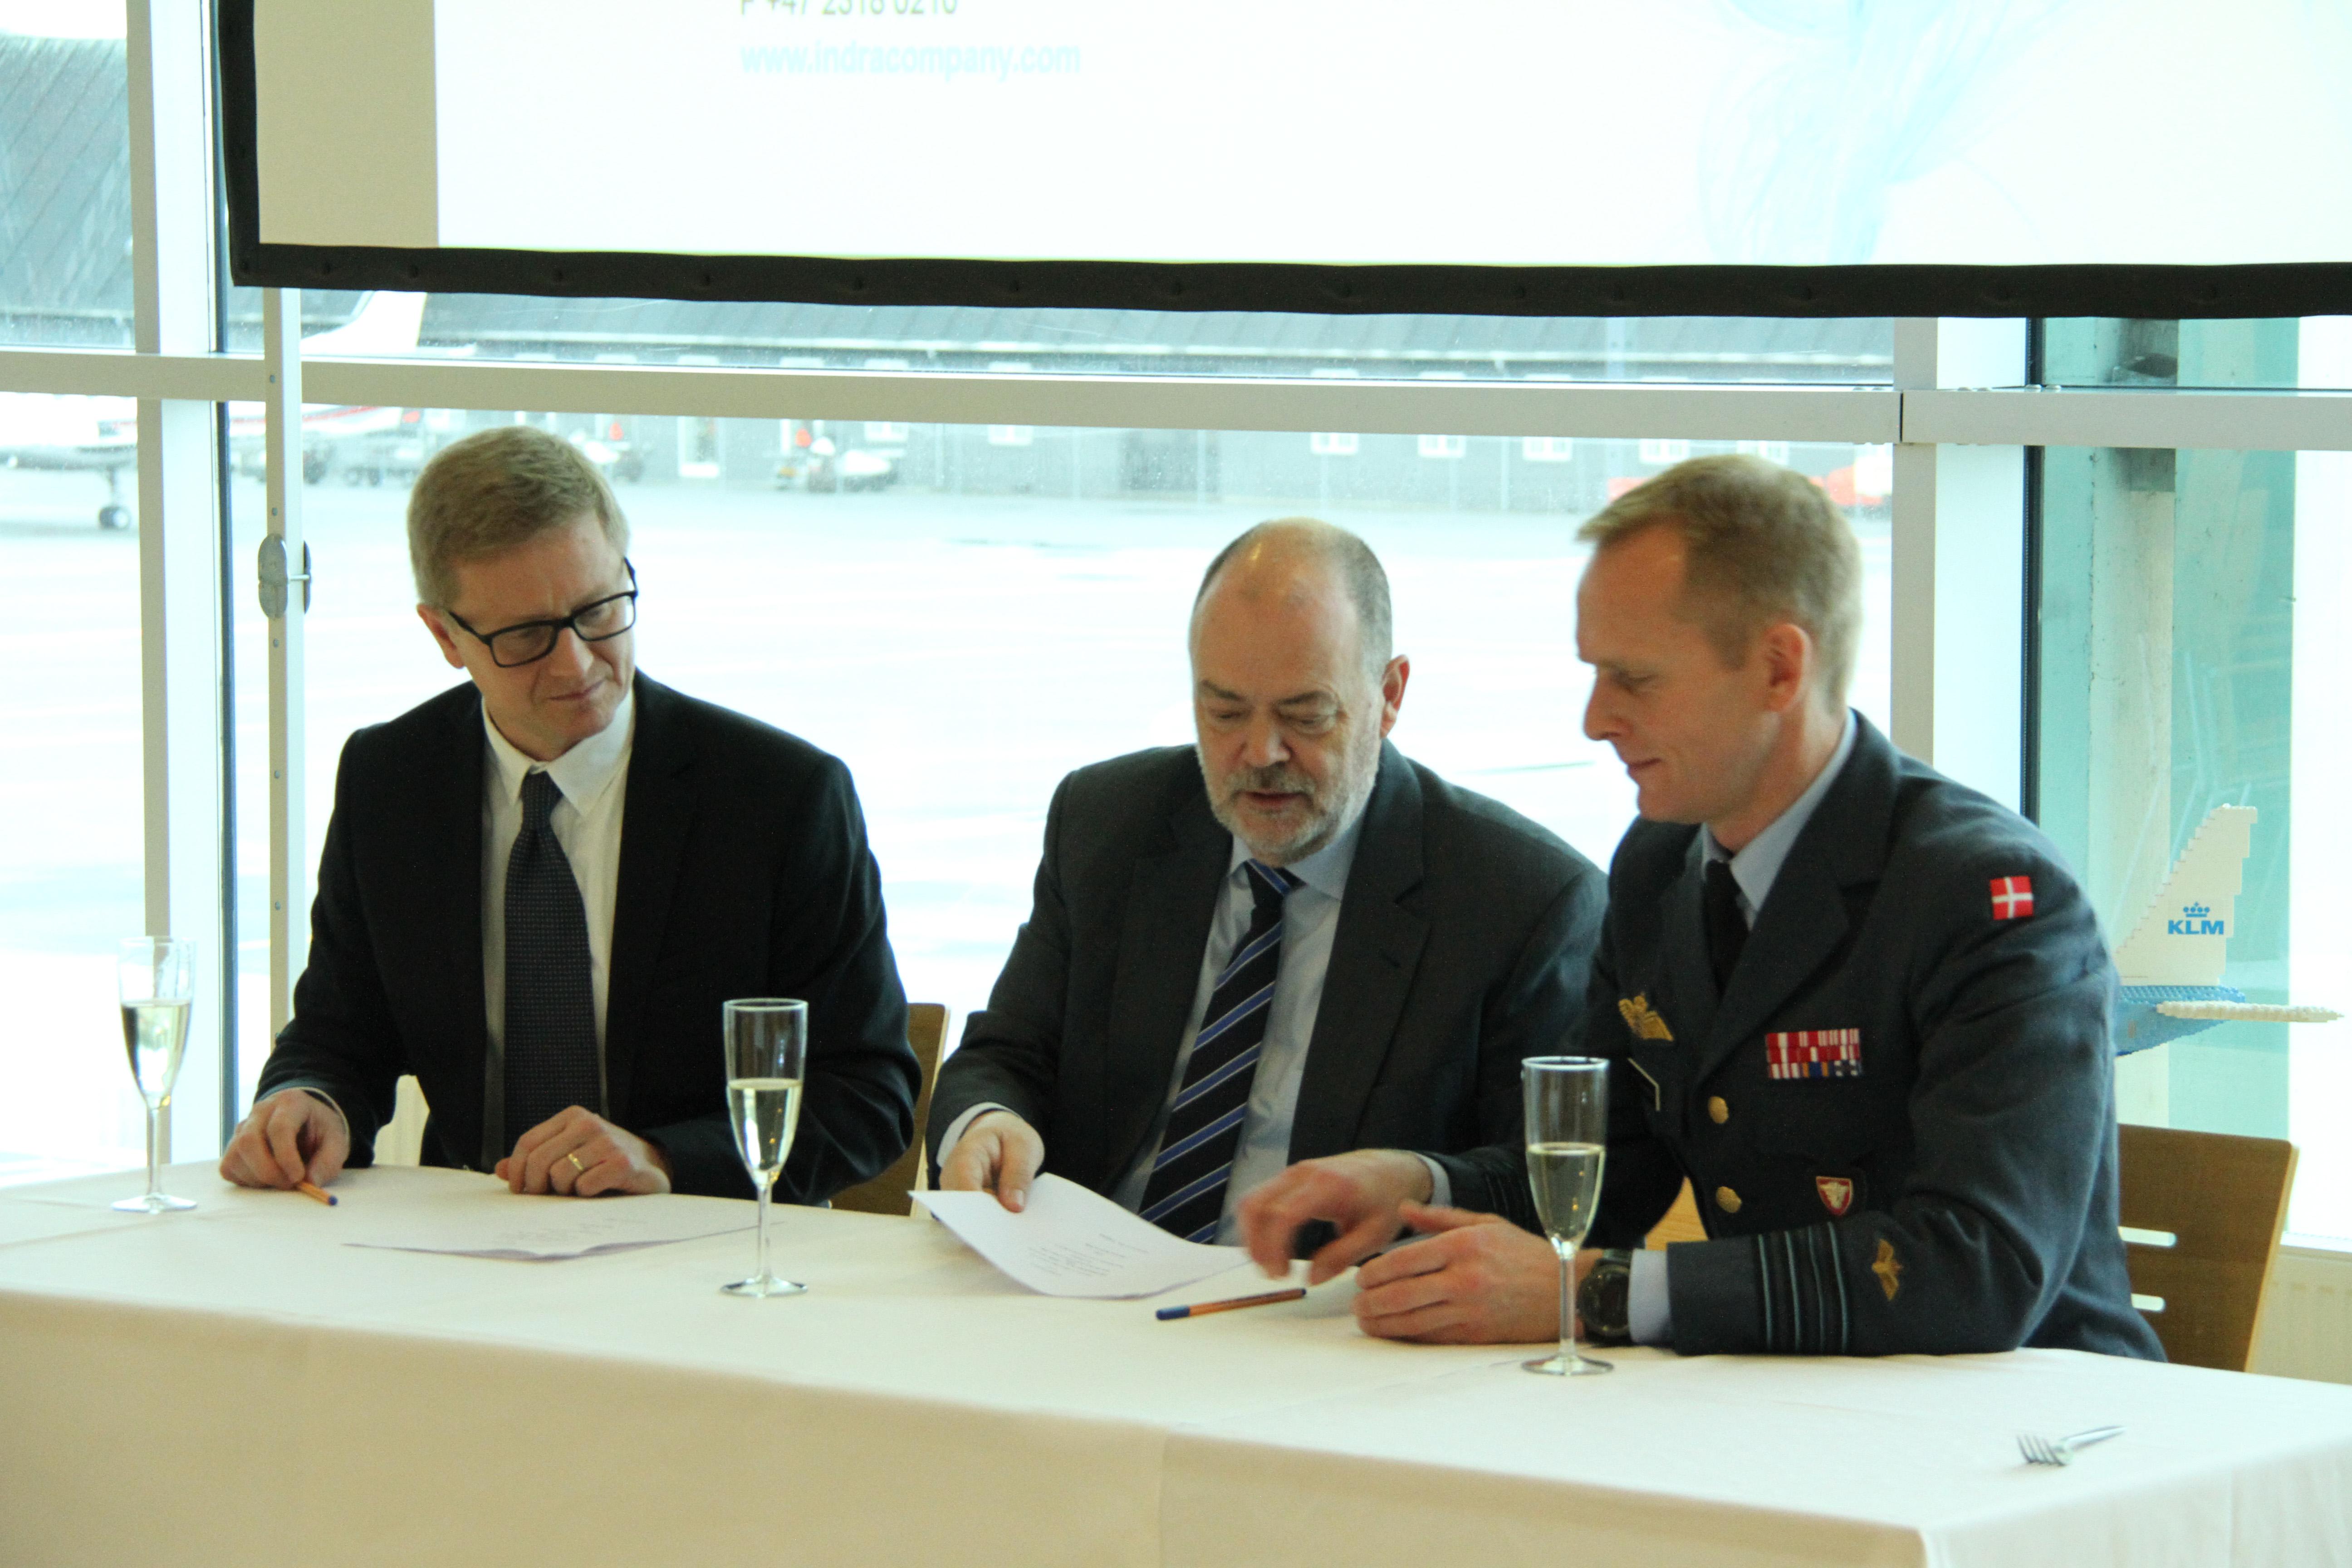 Fra venstre: Thorbjørn Moen, Søren Svendsen og Hans Kristian Skovmose. Foto: Aalborg Lufthavn